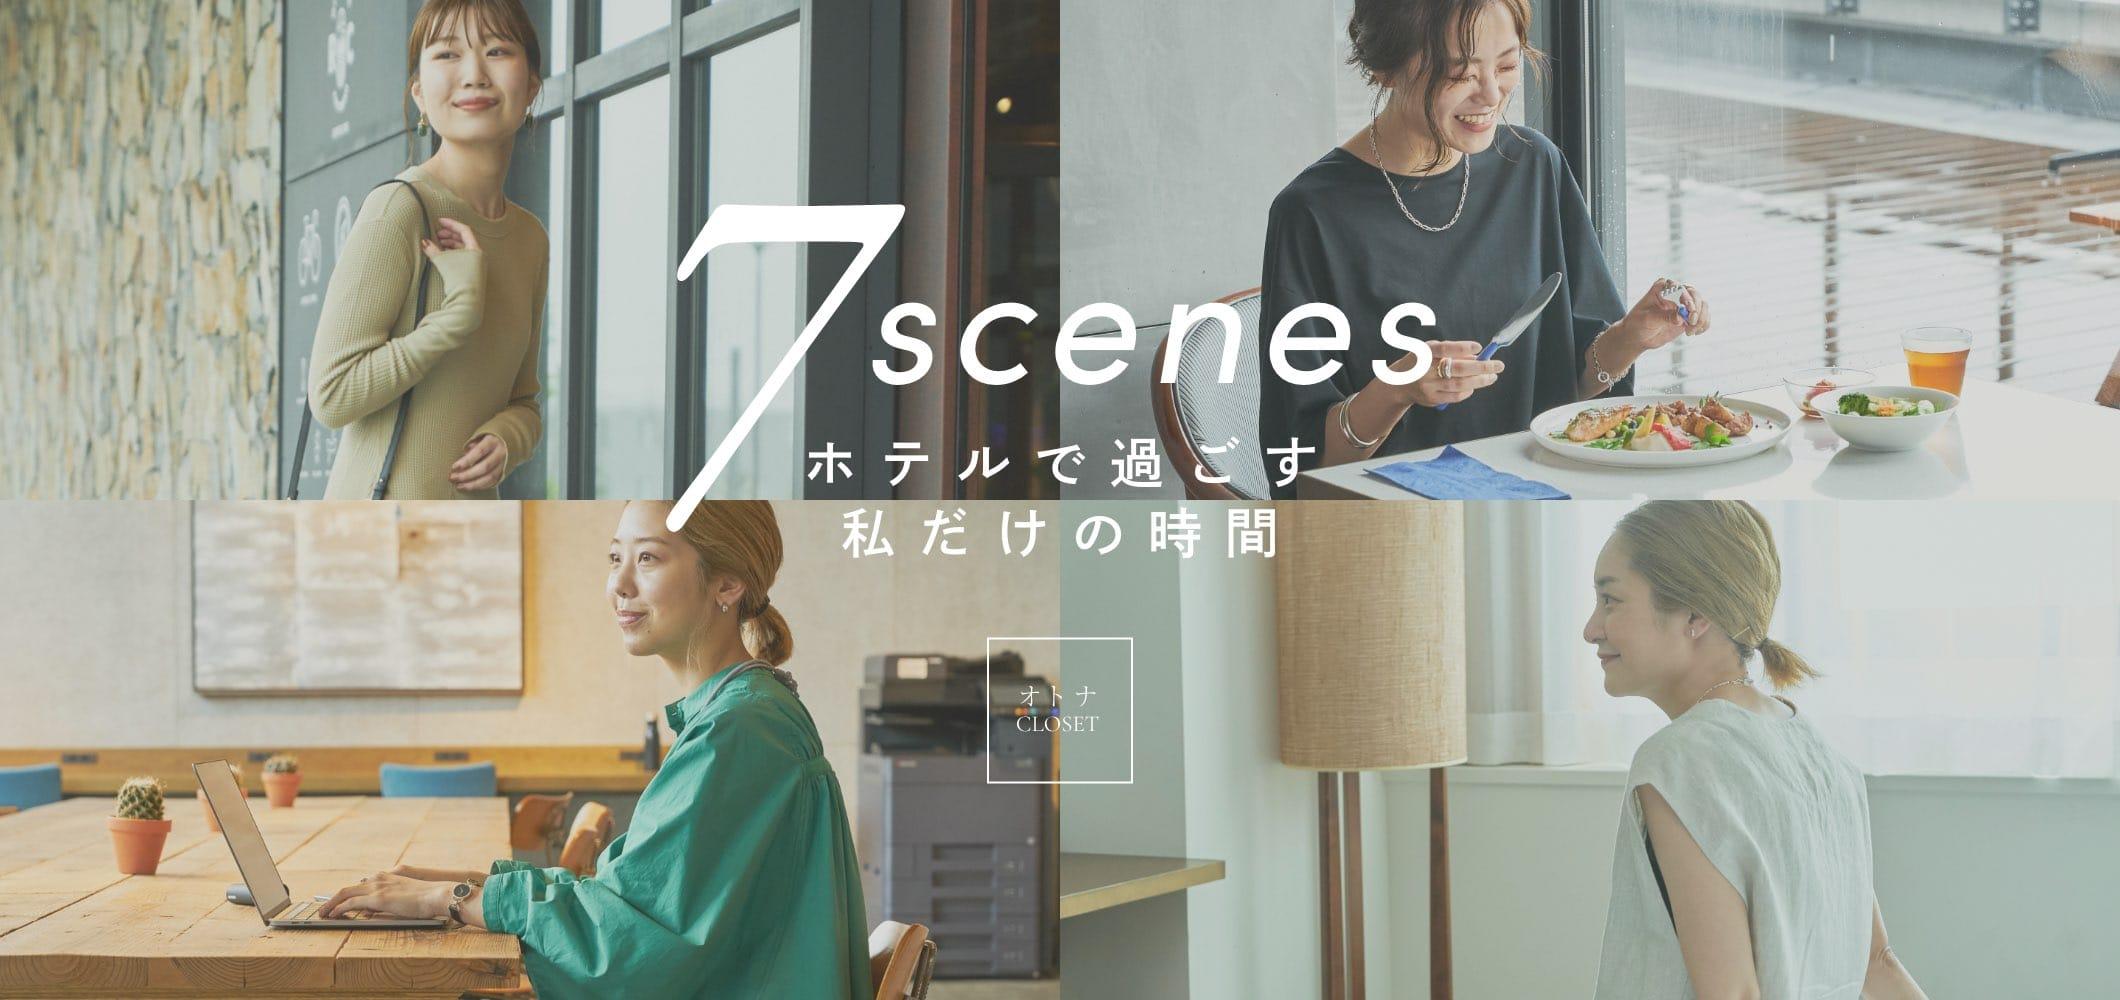 【オトナCLOSET】7scenes ホテルで過ごす私だけの時間